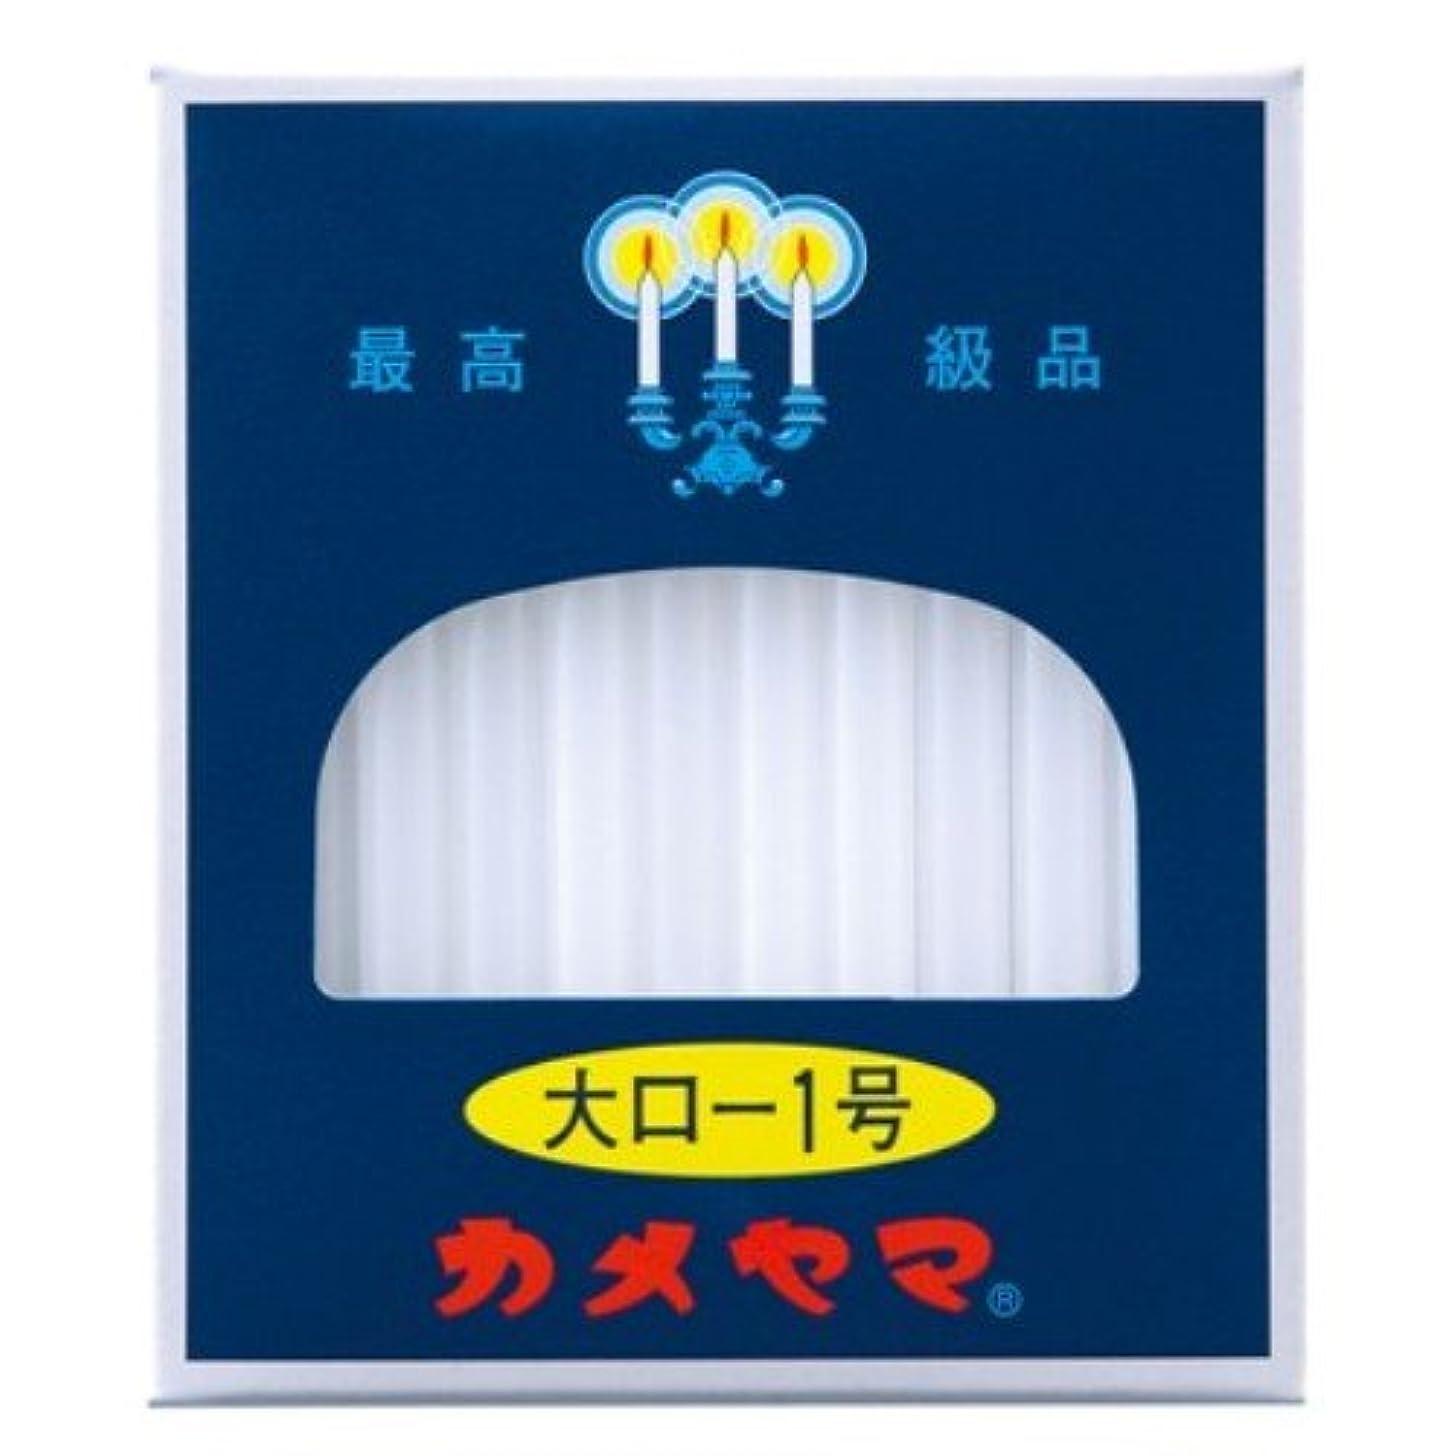 スタイル盗難選挙カメヤマ 大ローソク 1号 225g